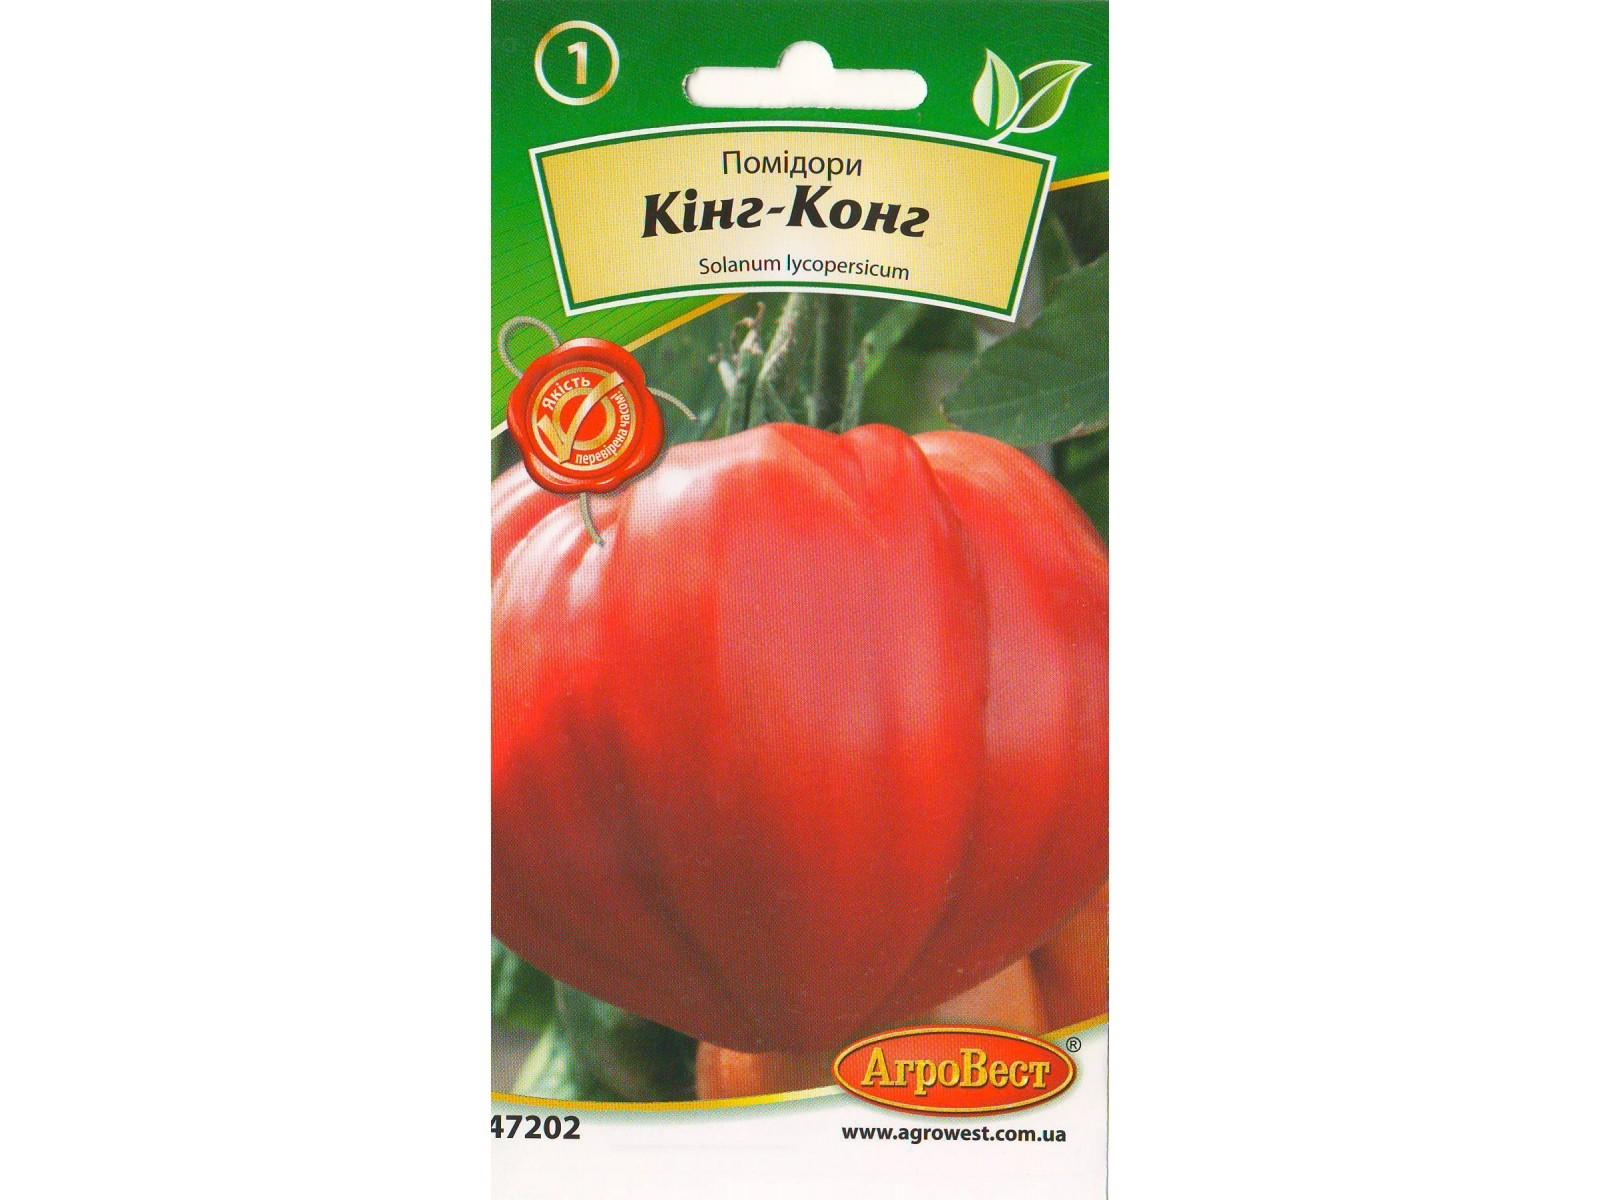 Описание крупноплодного томата скорпион и особенности выращивания сорта